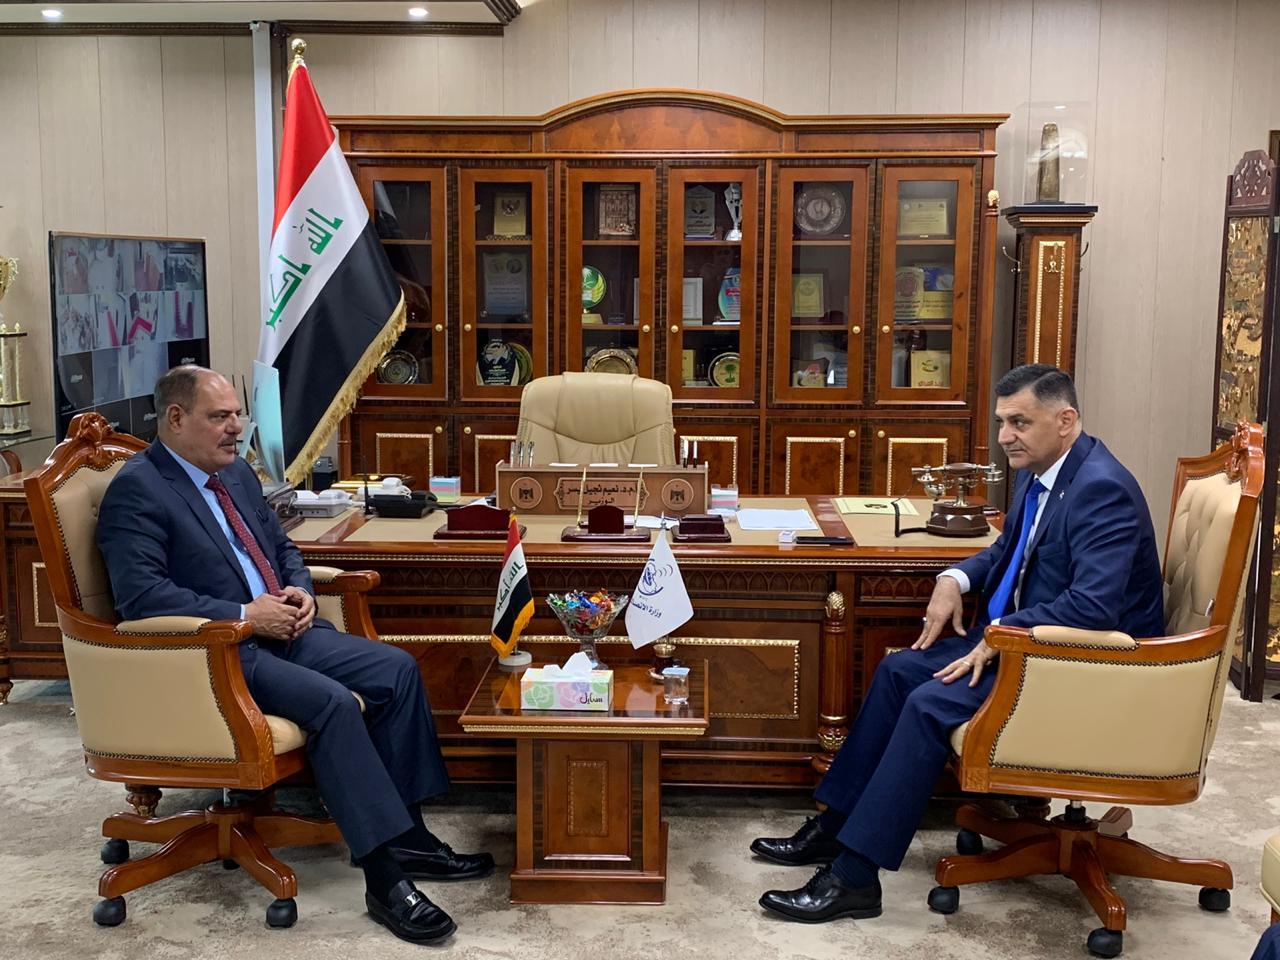 اللامي يبحث مع وزير الاتصالات سبل دعم المؤسسات الإعلامية